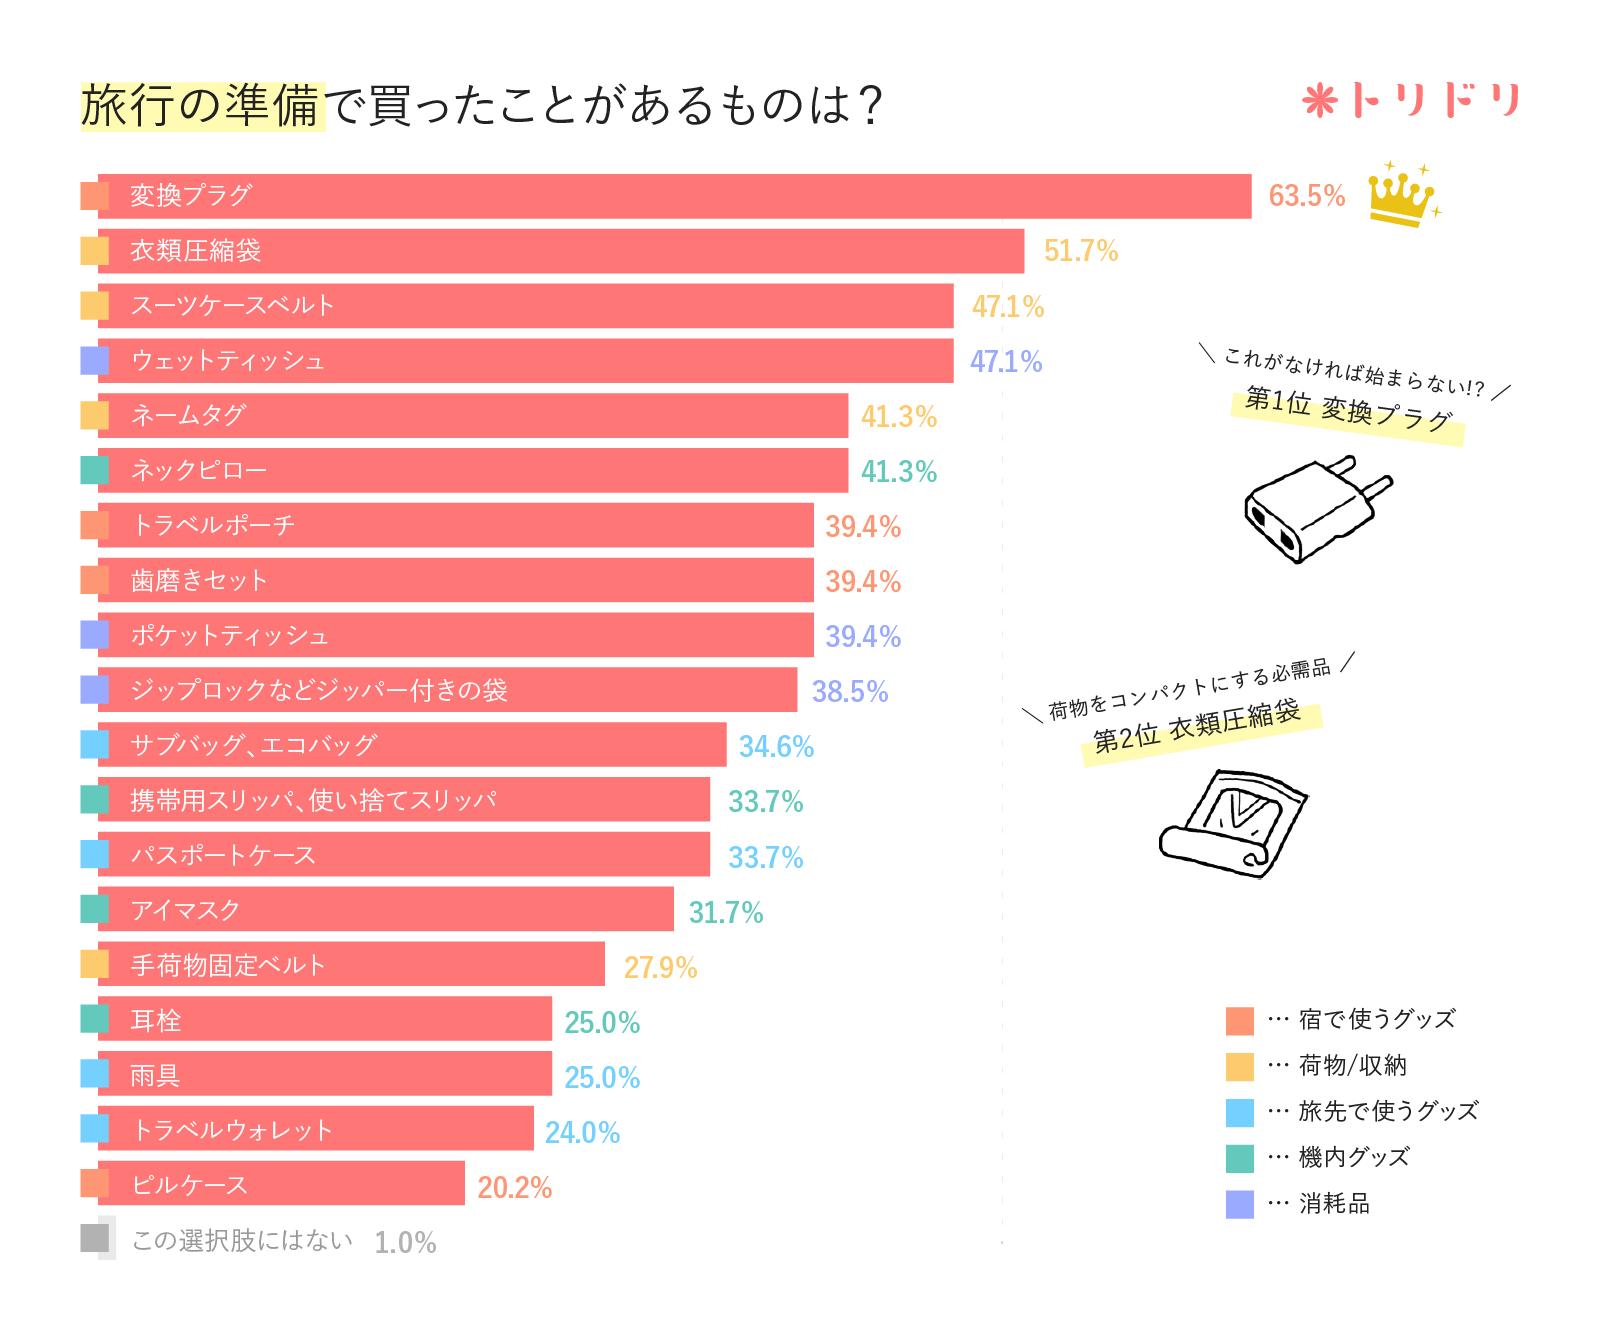 アンケート結果のグラフ:海外旅行の準備として、買ったことがあるものを選んでください。